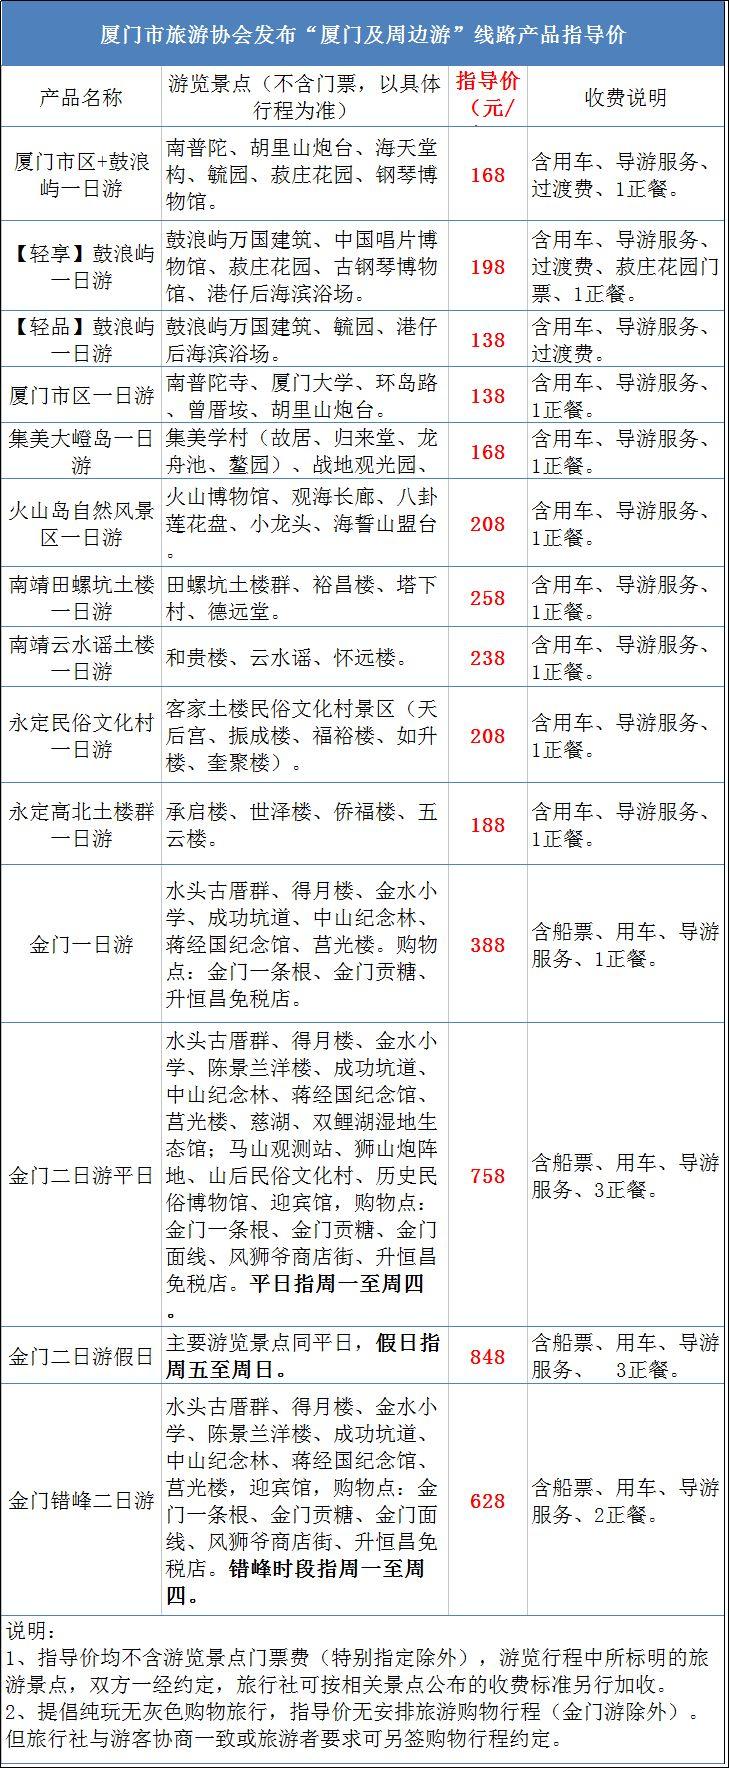 '廈門及周邊游'線路產品指導價